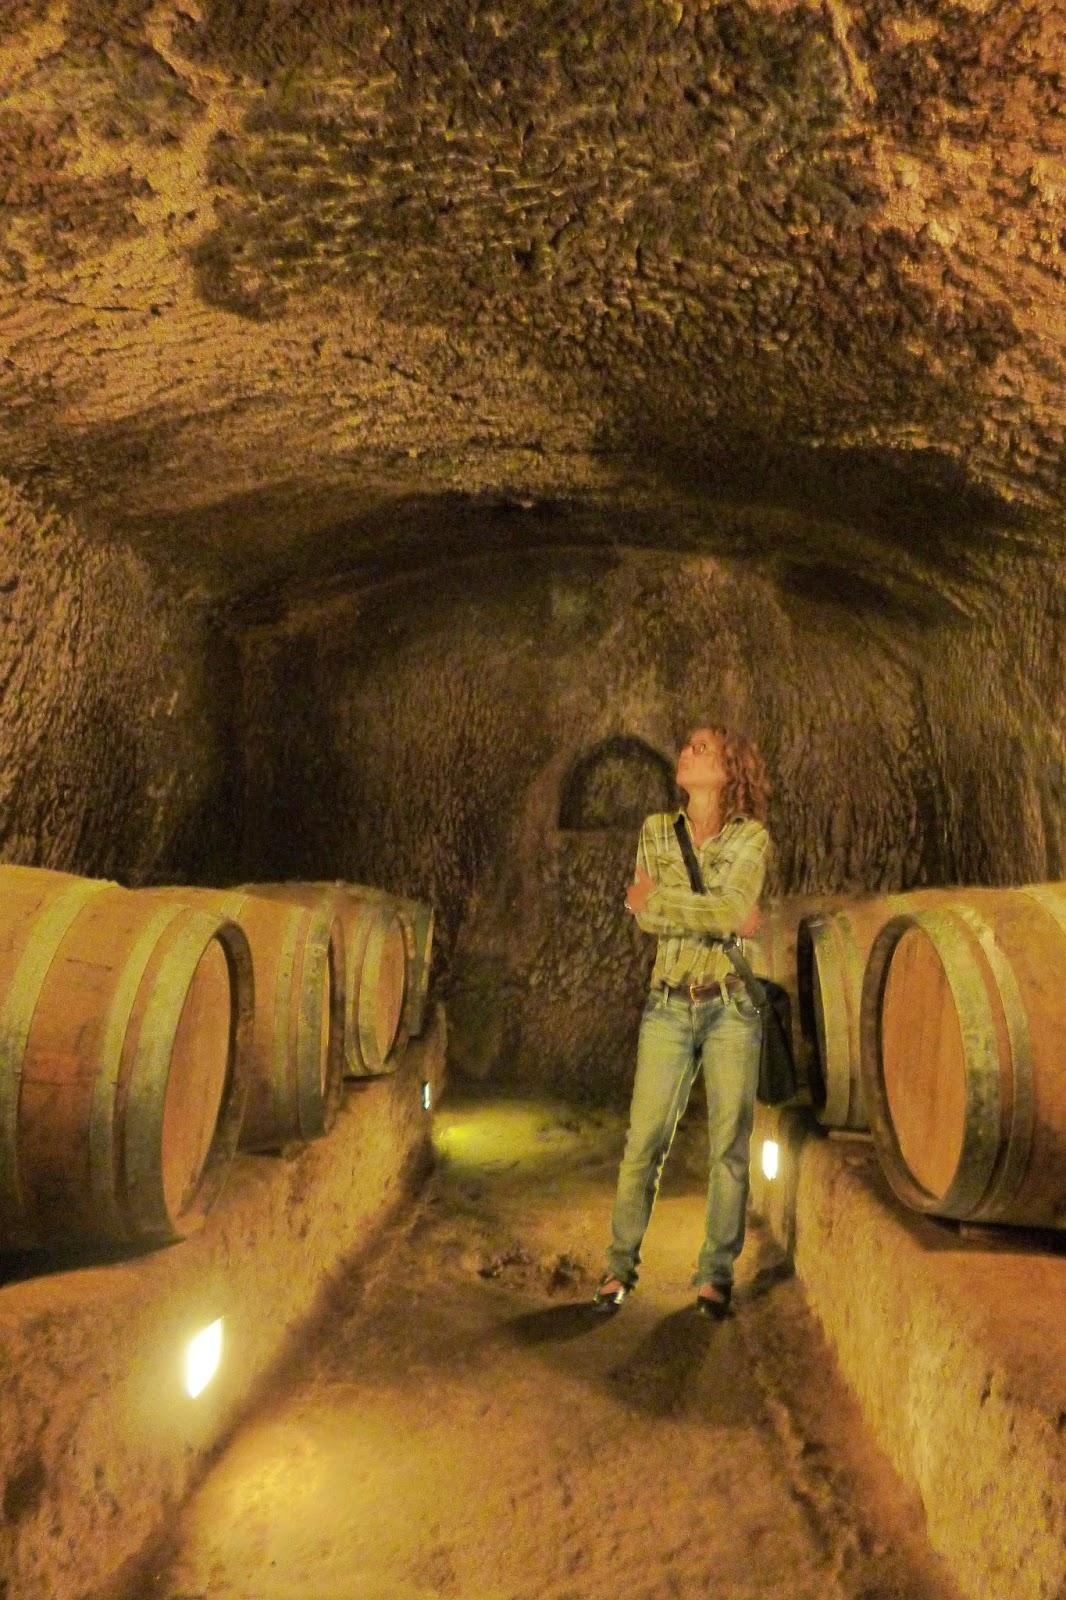 pitigliano adega - Pitigliano, cultura e vinho na Toscana da Maremma!